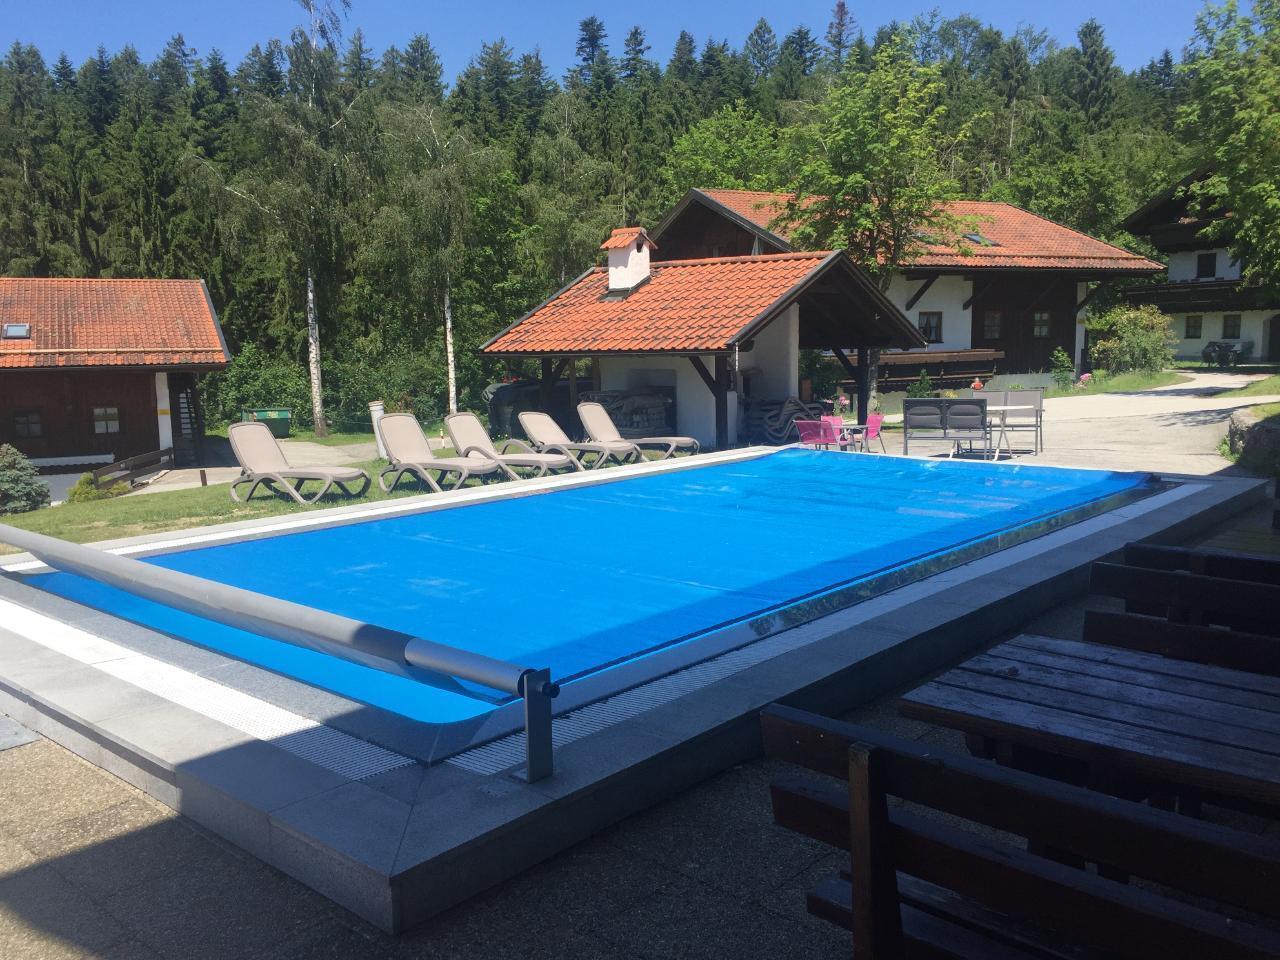 Ferienwohnung Große Ferienwohnung mit Pool, Schwimmbad und Sauna (1150916), Hauzenberg, Bayerischer Wald, Bayern, Deutschland, Bild 27